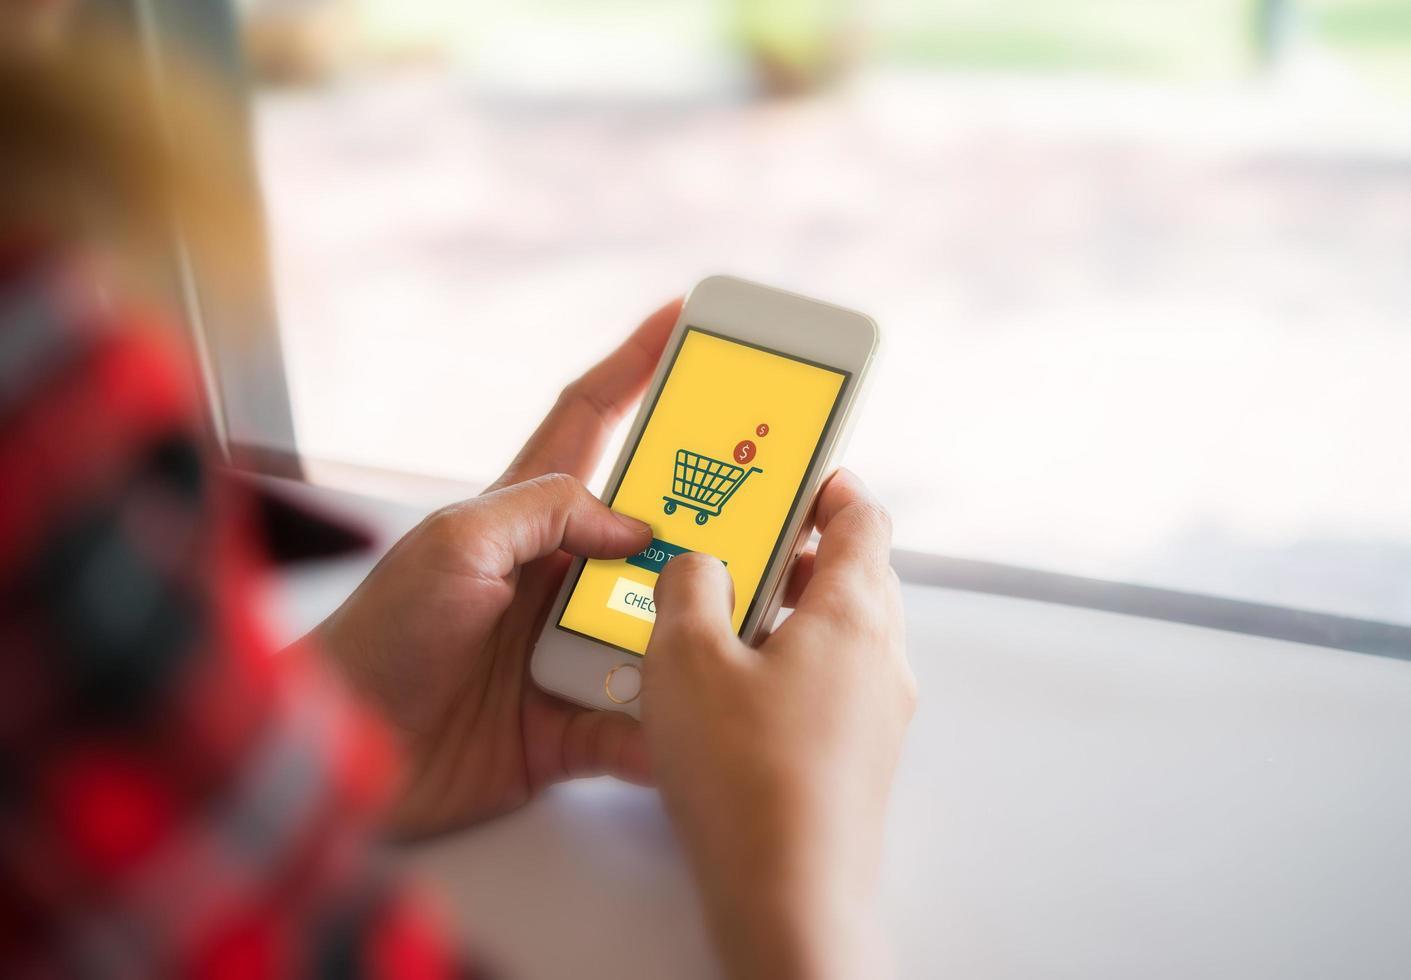 acquisti online su smartphone foto